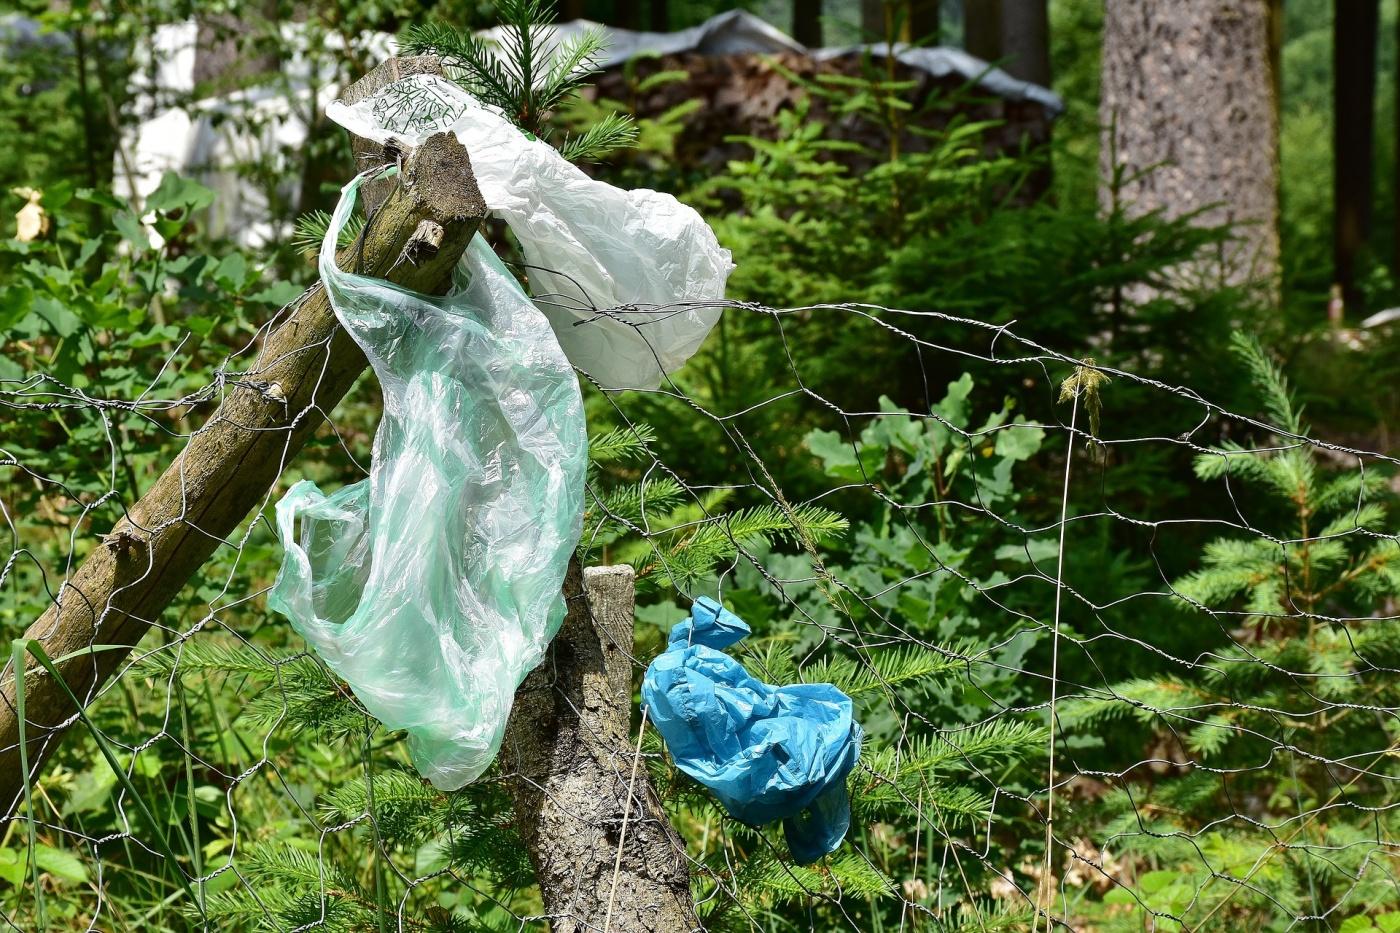 Akcja sprzątania Podhala - dołącz do śmieciobrania